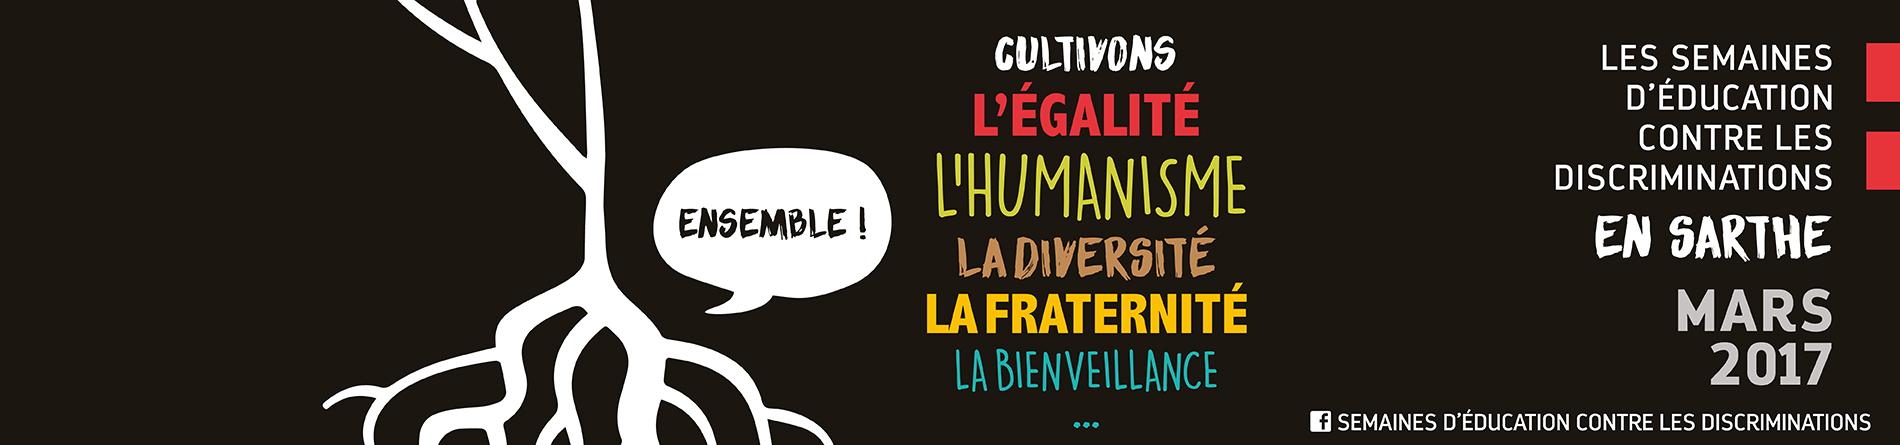 Semaines d'éducation contre les discriminations 2017